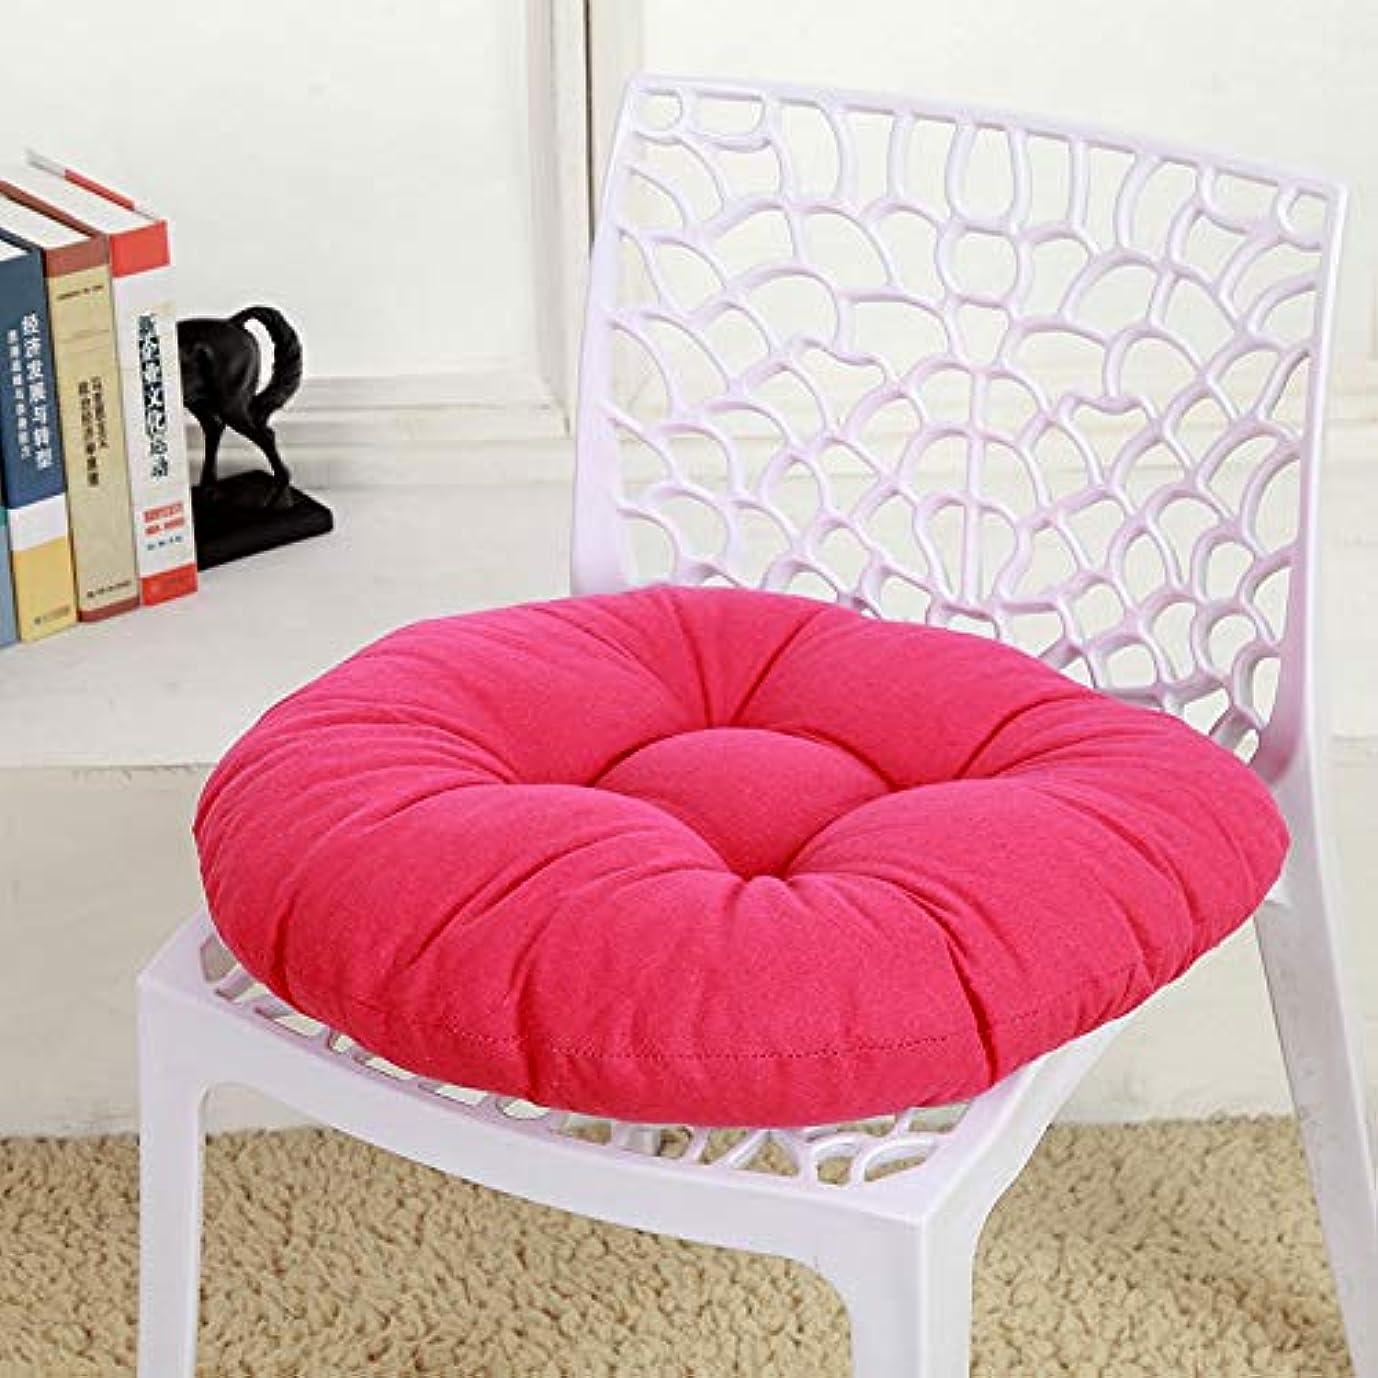 クラウド赤結婚したSMART キャンディカラーのクッションラウンドシートクッション波ウィンドウシートクッションクッション家の装飾パッドラウンド枕シート枕椅子座る枕 クッション 椅子